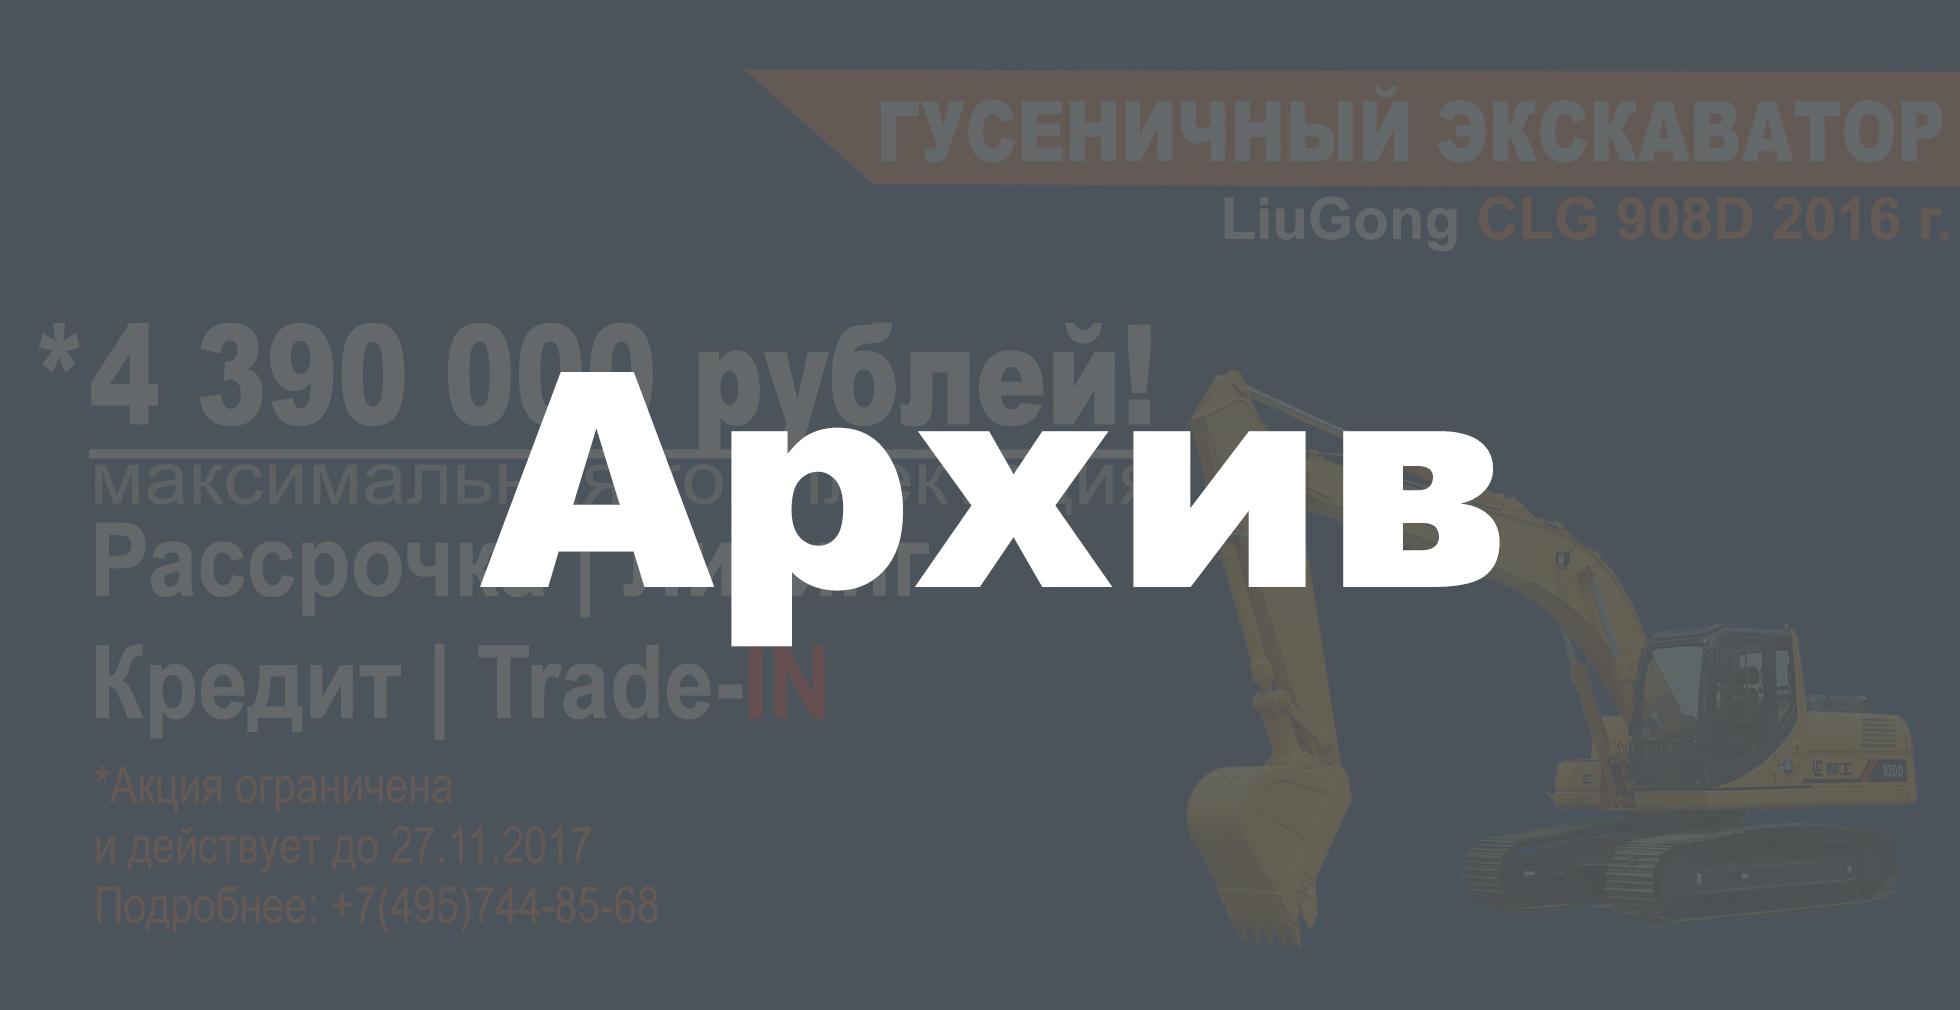 Акция-на-экскаватор-LiuGong-CLG-908D1